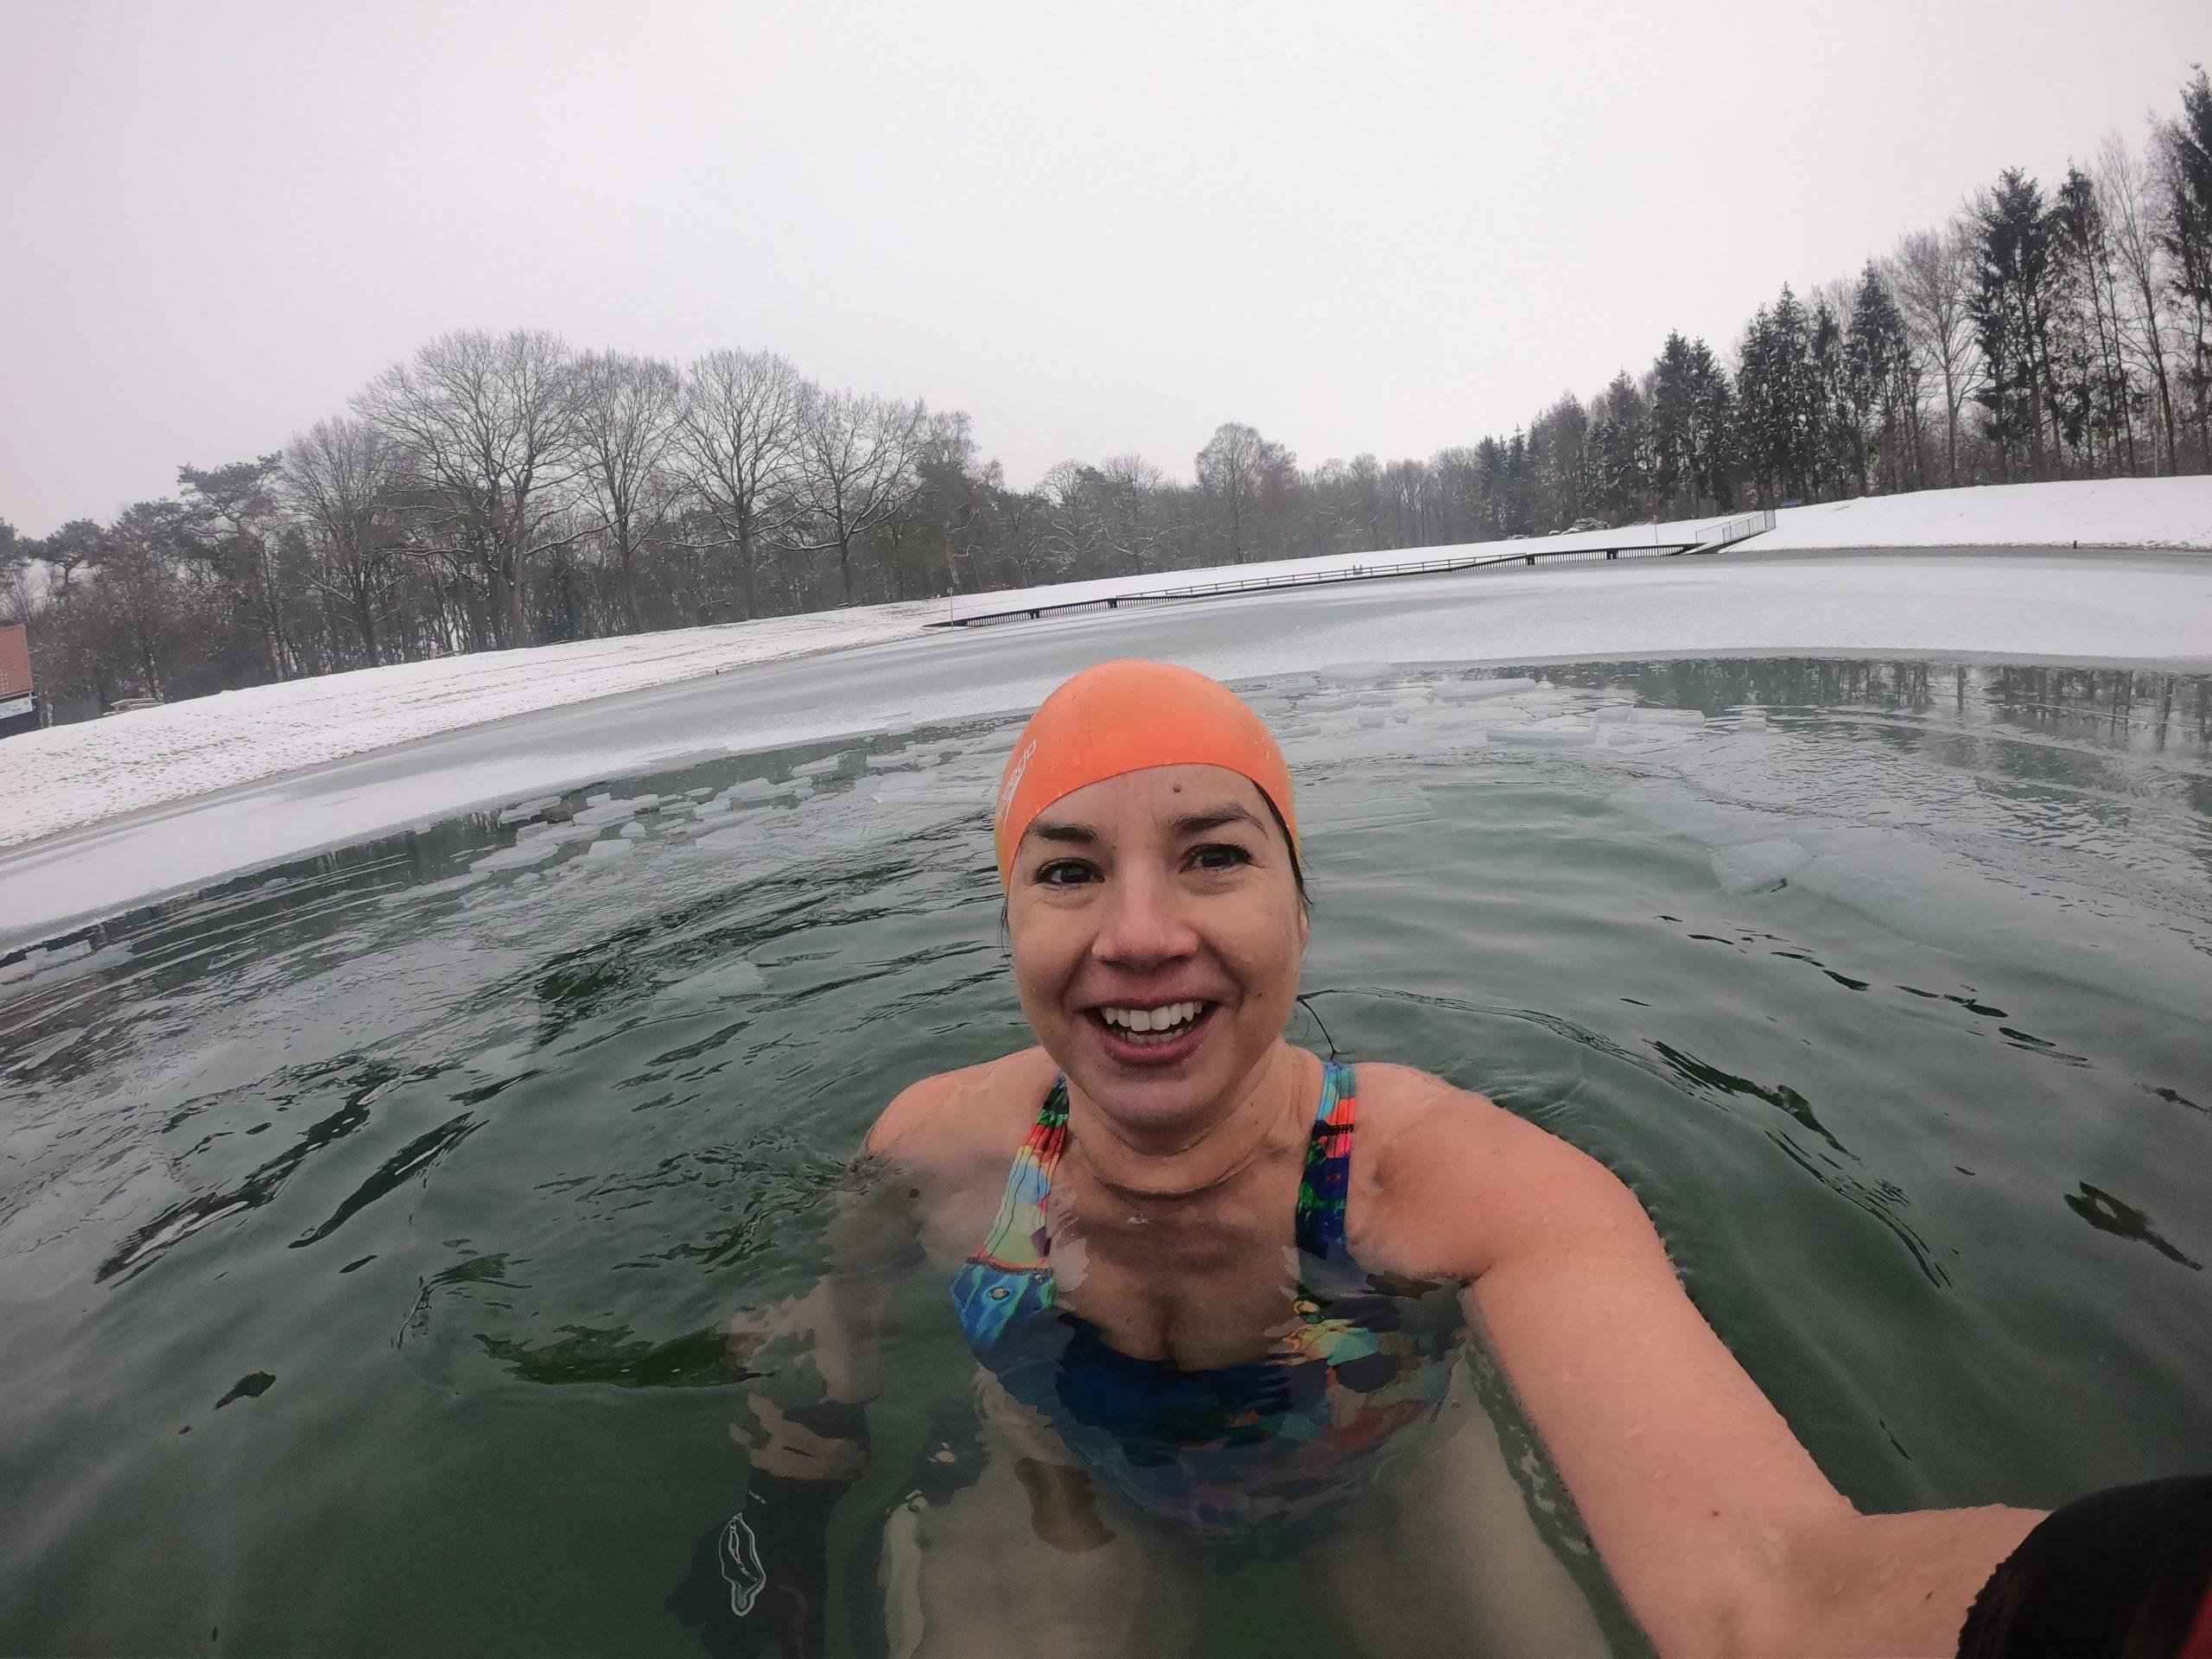 Winter zwemmen werkt verslavend